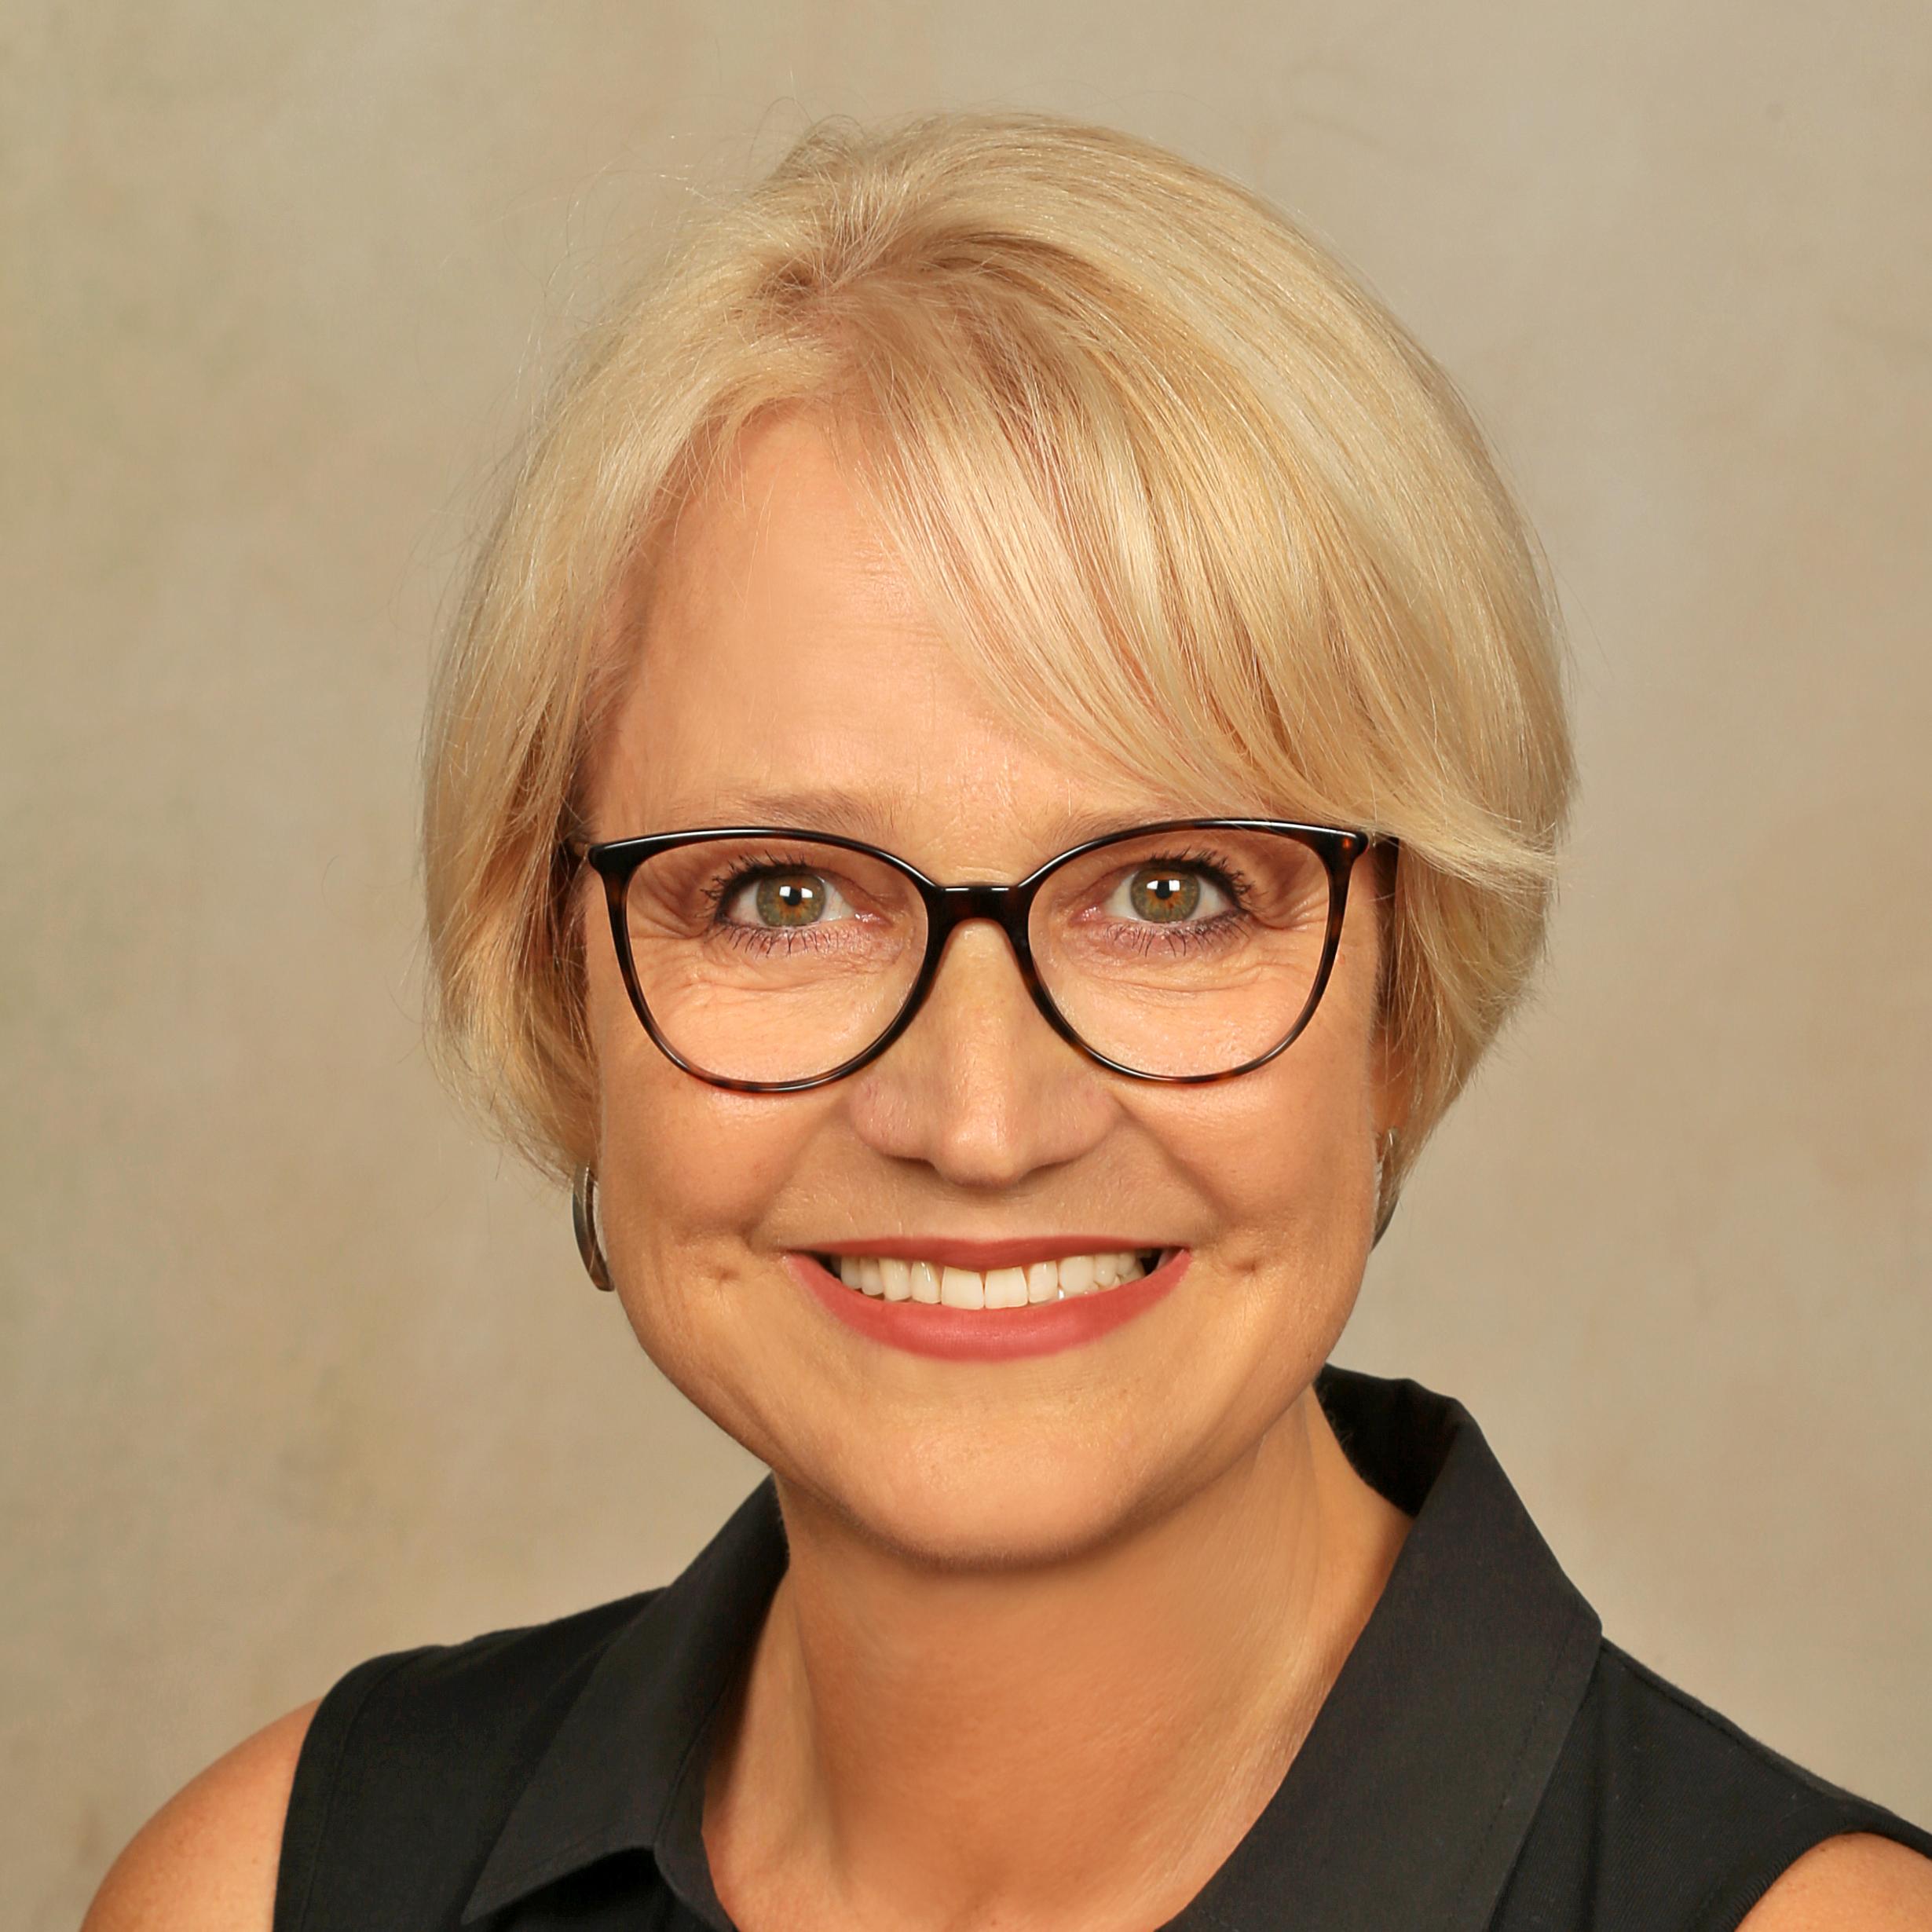 Monika Jacobi